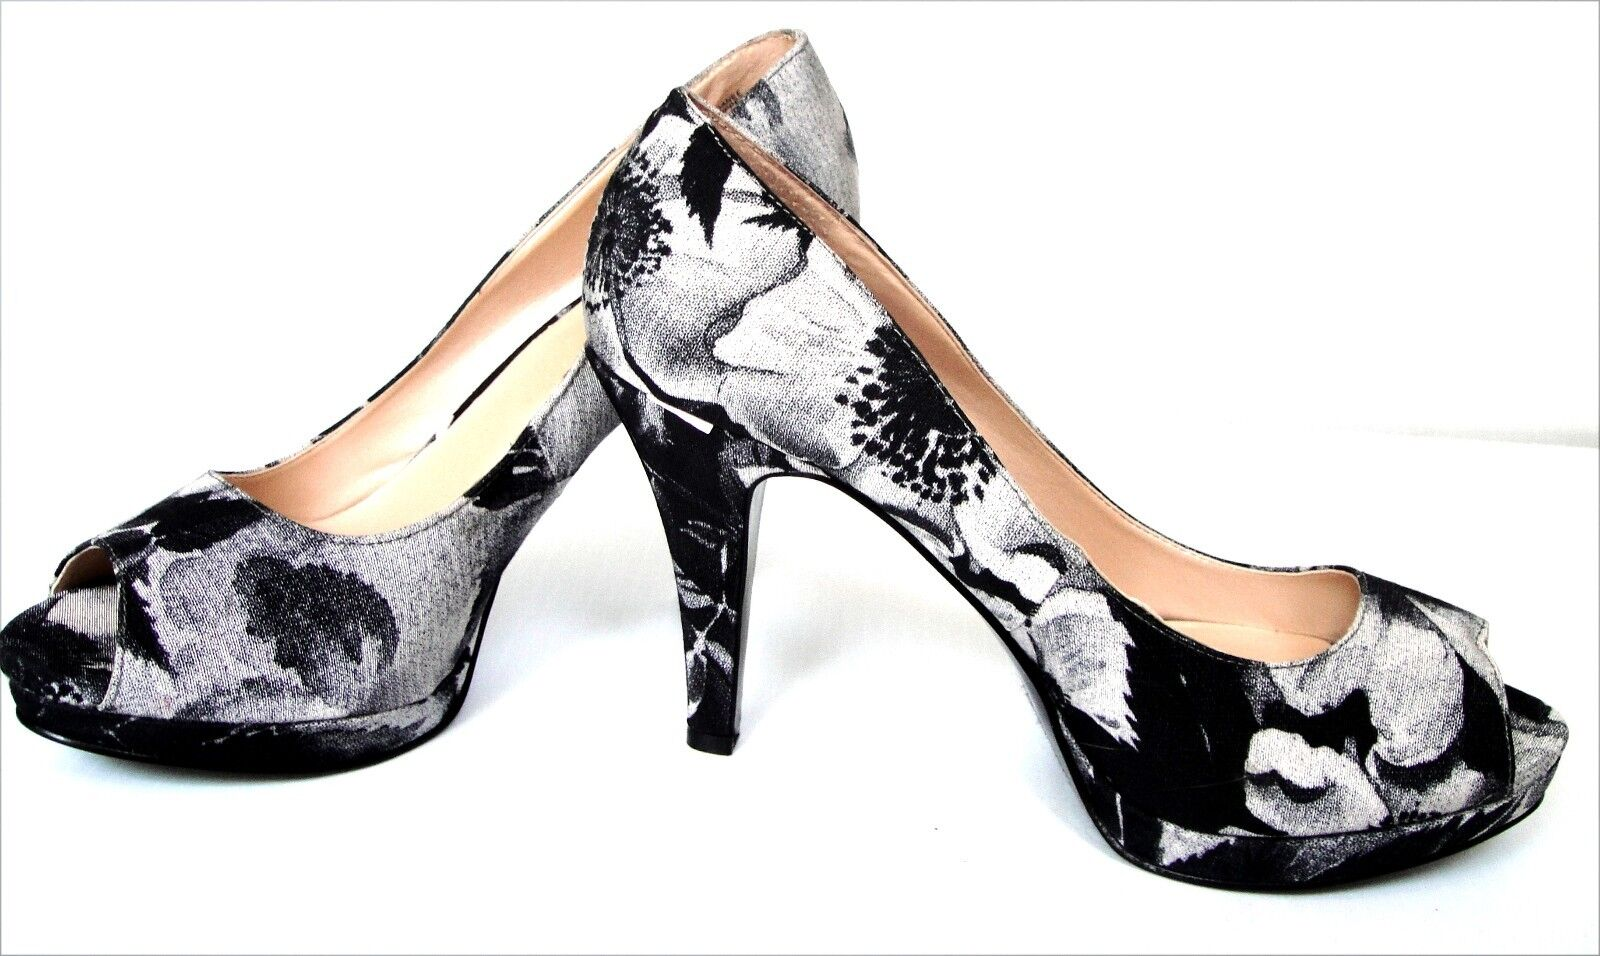 New Nine West West West Danee Women's Peep Toe shoes size 7.5 c1cf53